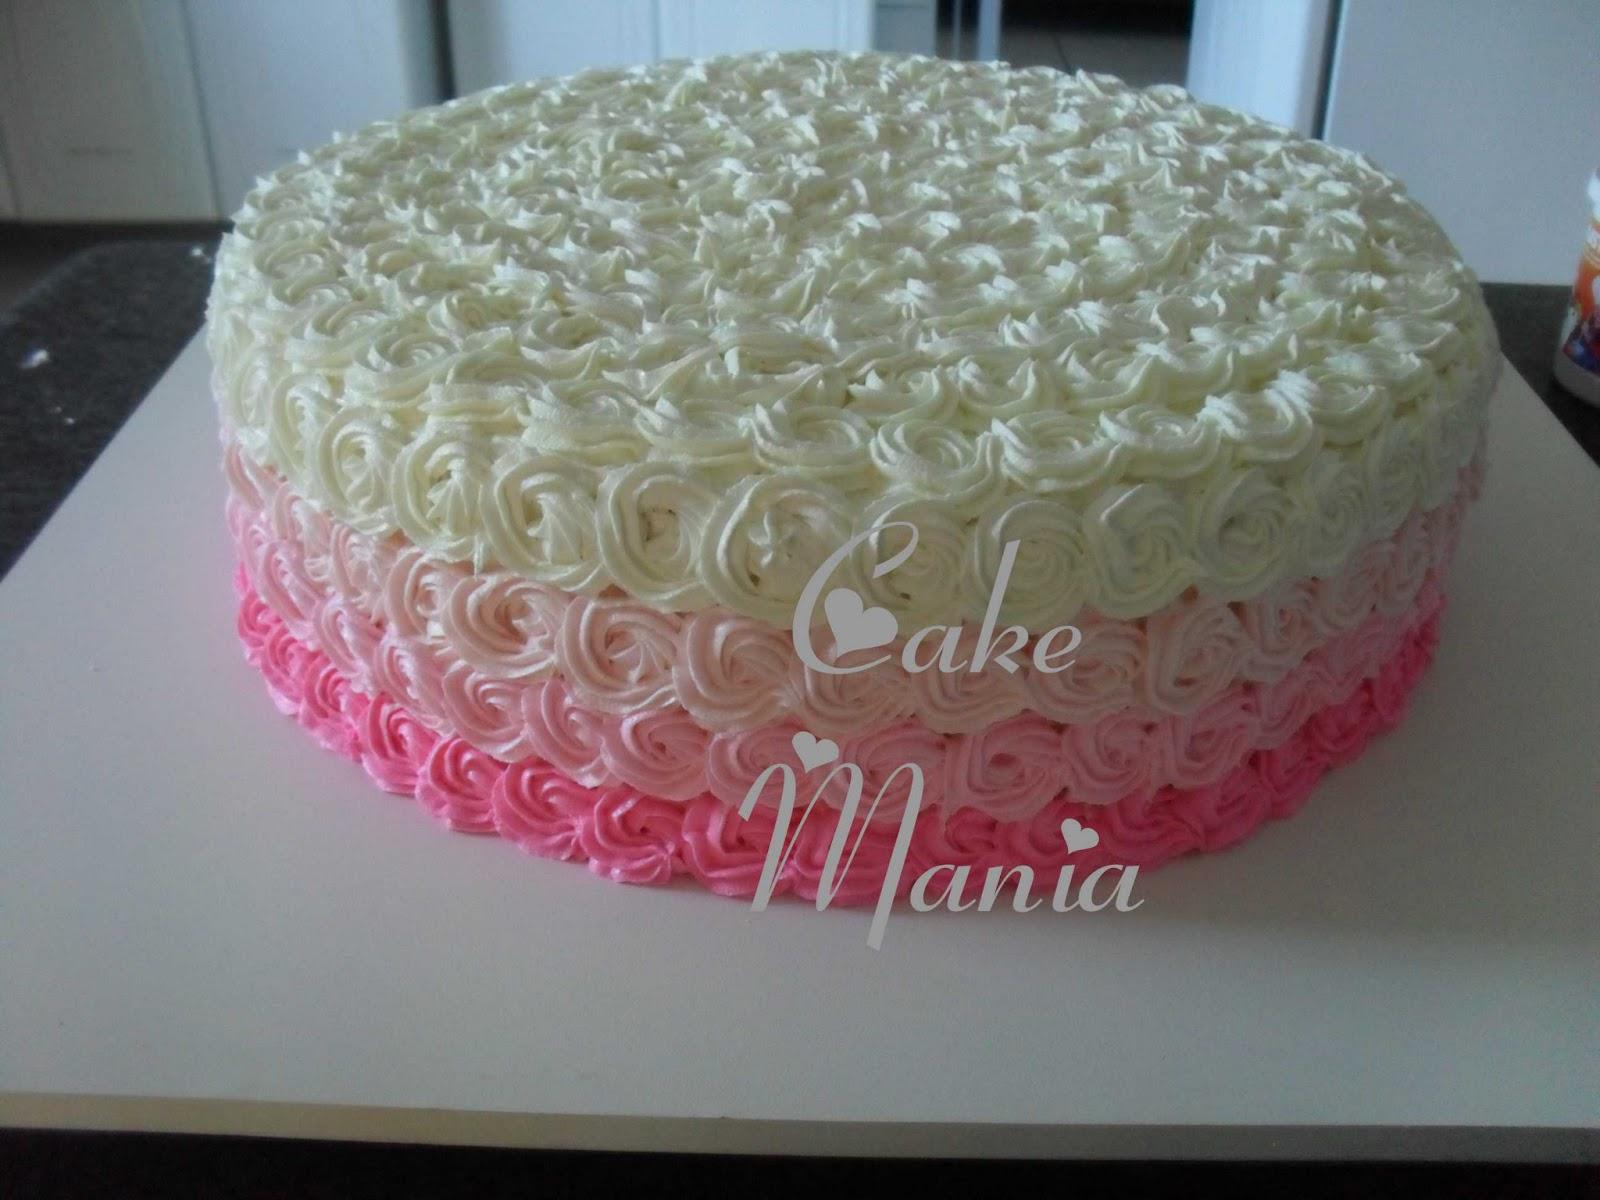 Suficiente Cake Mania: Bolo Degrade Rosa (Glacê de Leite em Pó) UB27